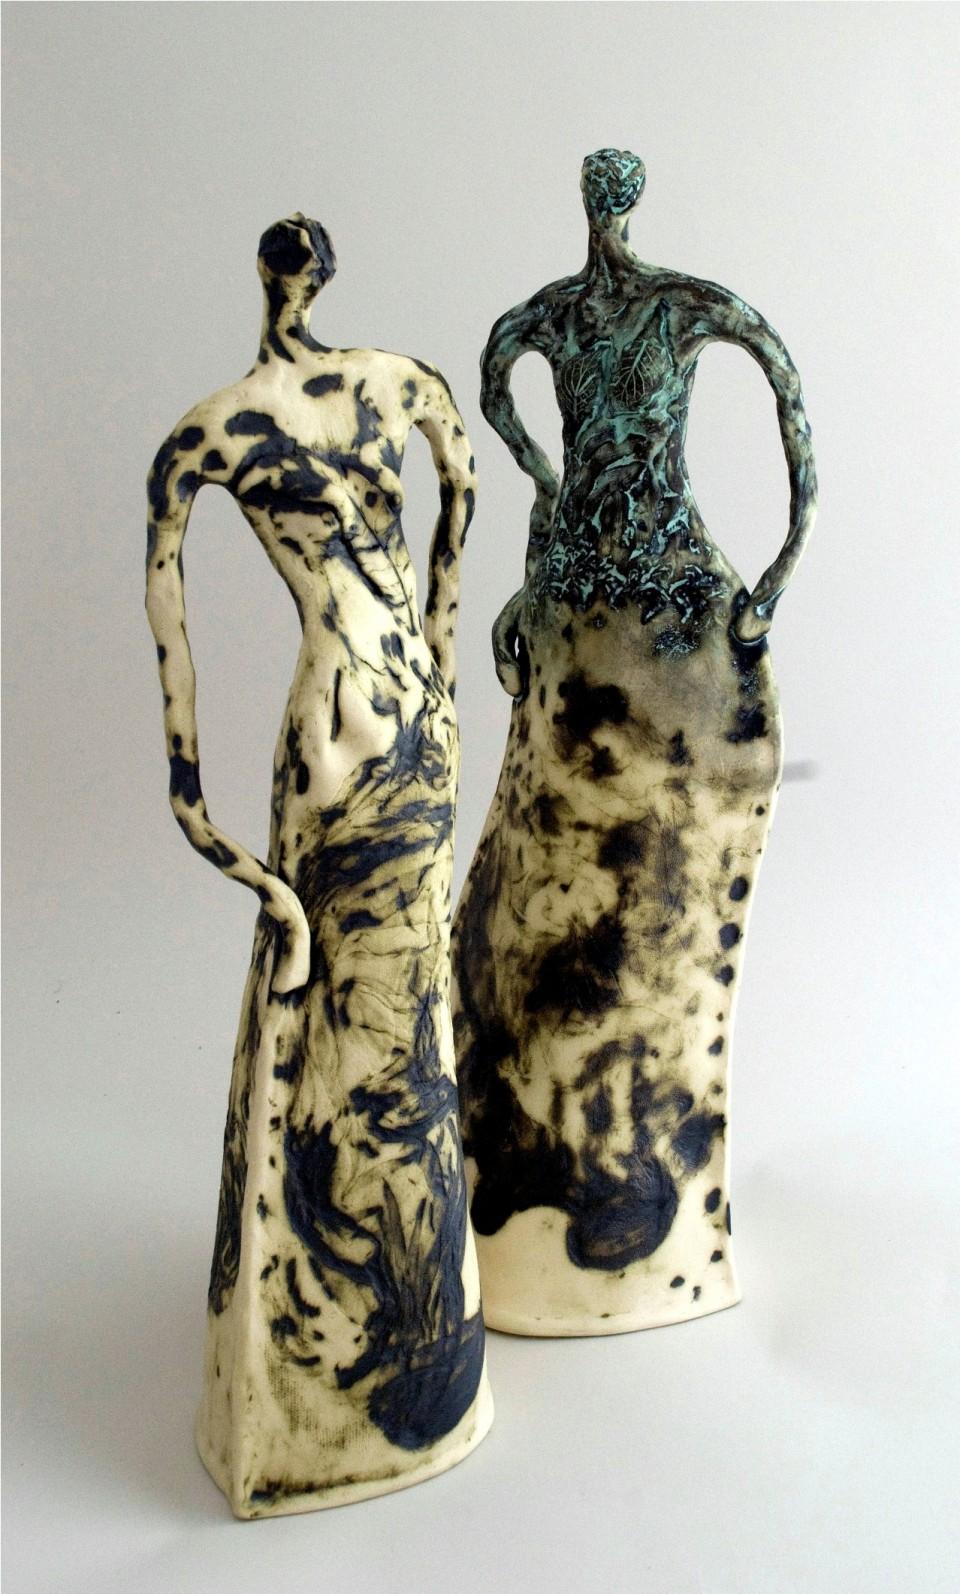 Sculpture No. 2